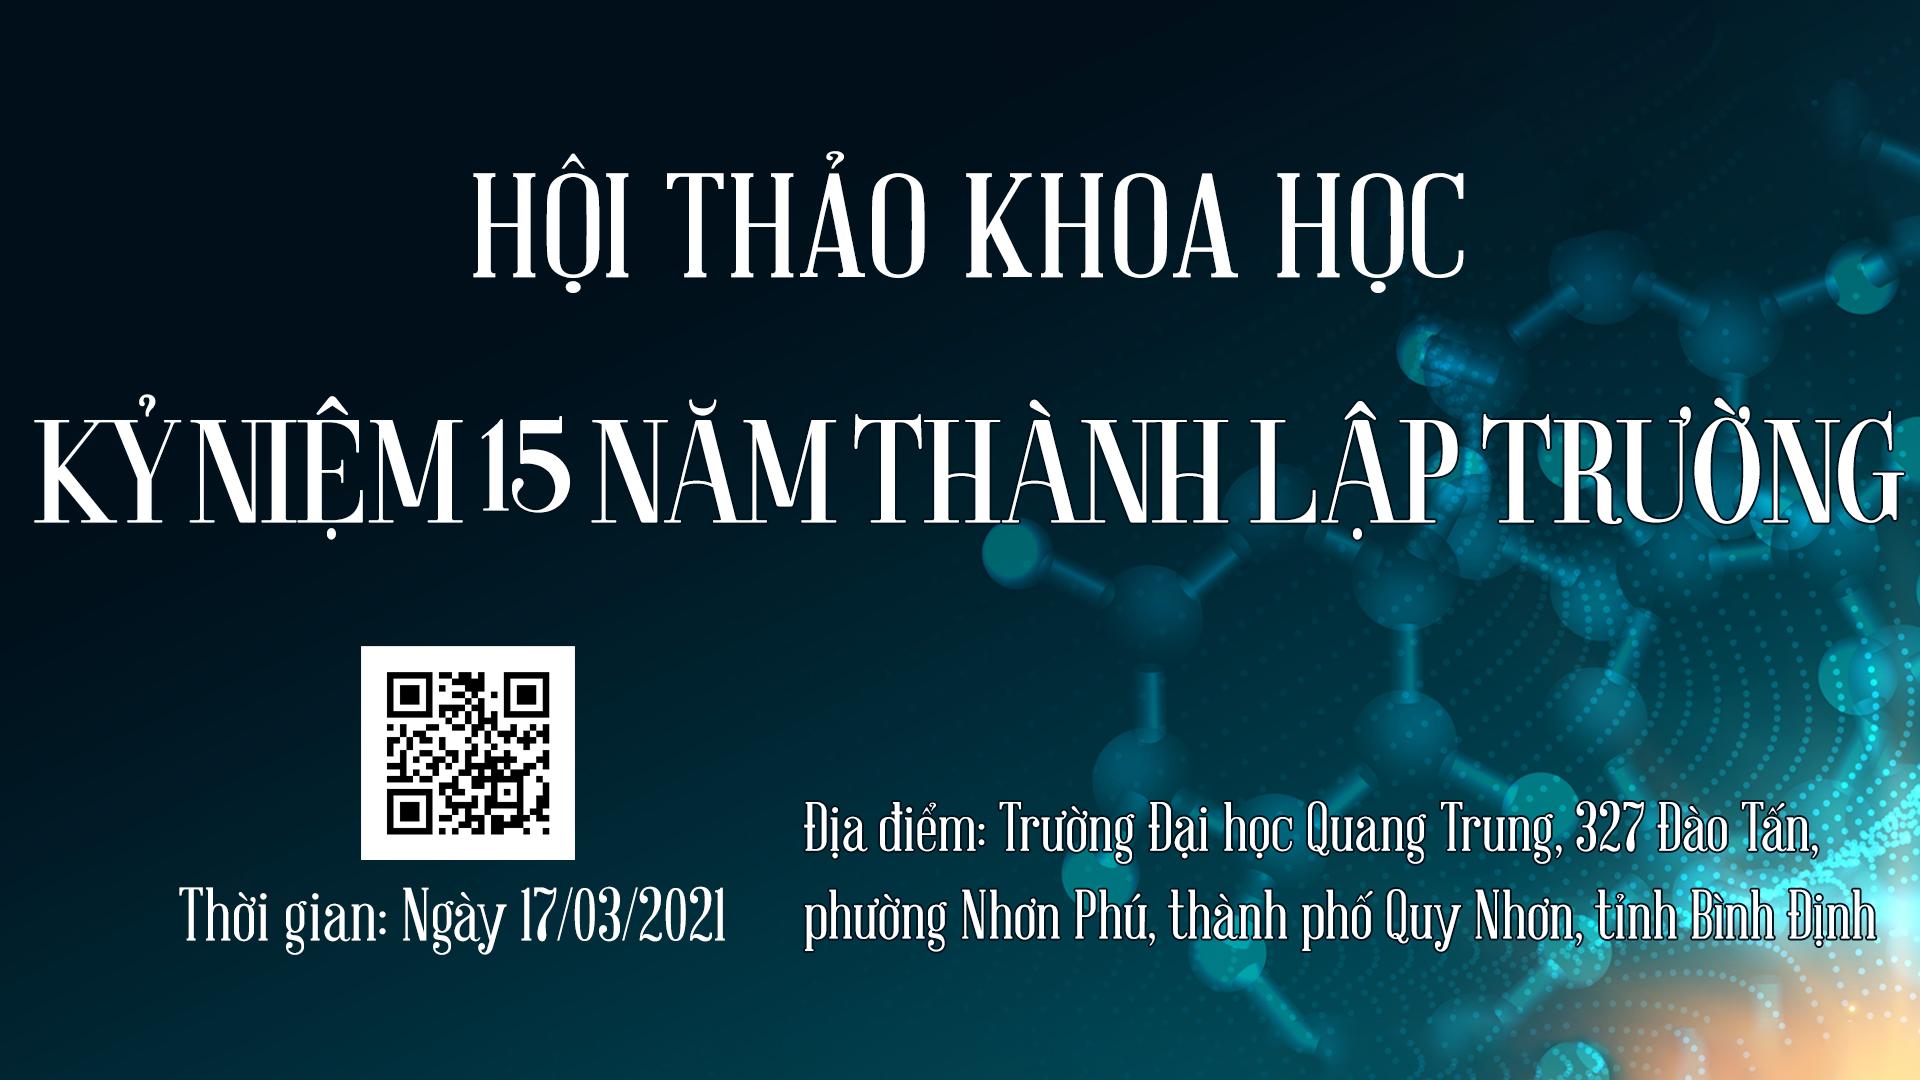 Chương trình hội thảo khoa học kỷ niệm 15 năm ngày thành lập Trường Đại học Quang Trung